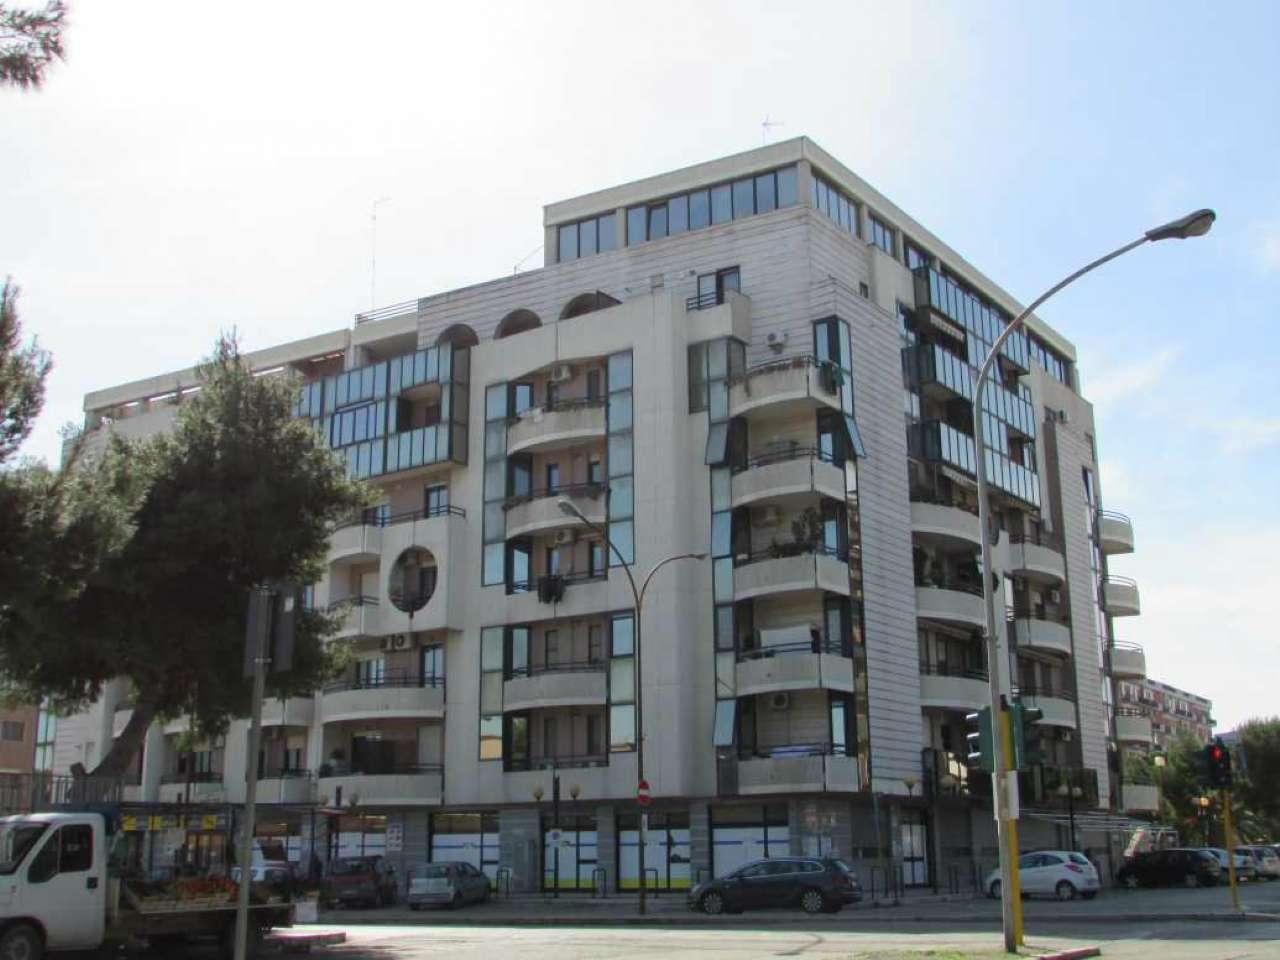 Attico / Mansarda in vendita a Foggia, 3 locali, prezzo € 225.000 | Cambio Casa.it